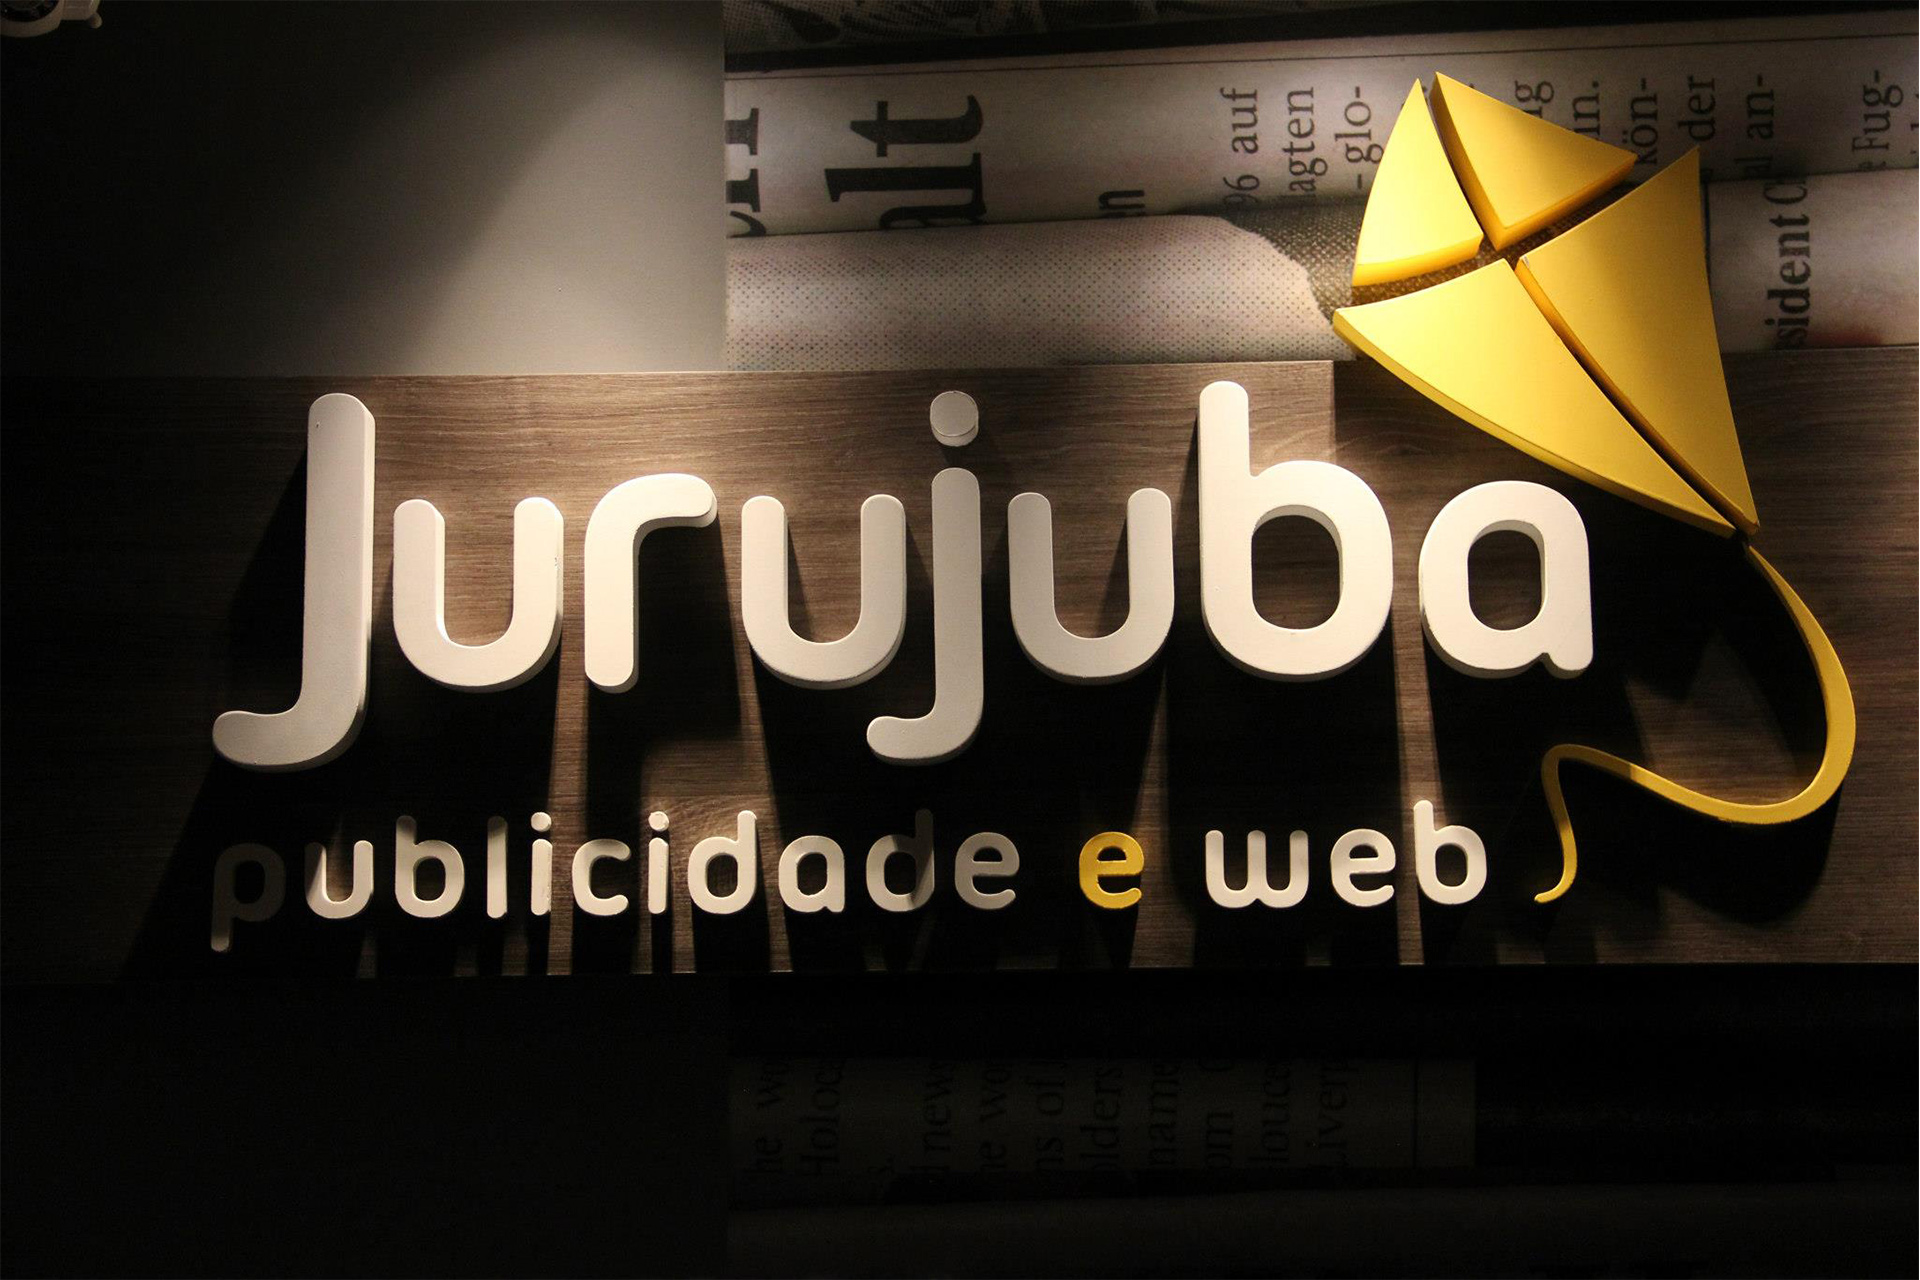 jurujuba-pubicidade-fachada-logotipo